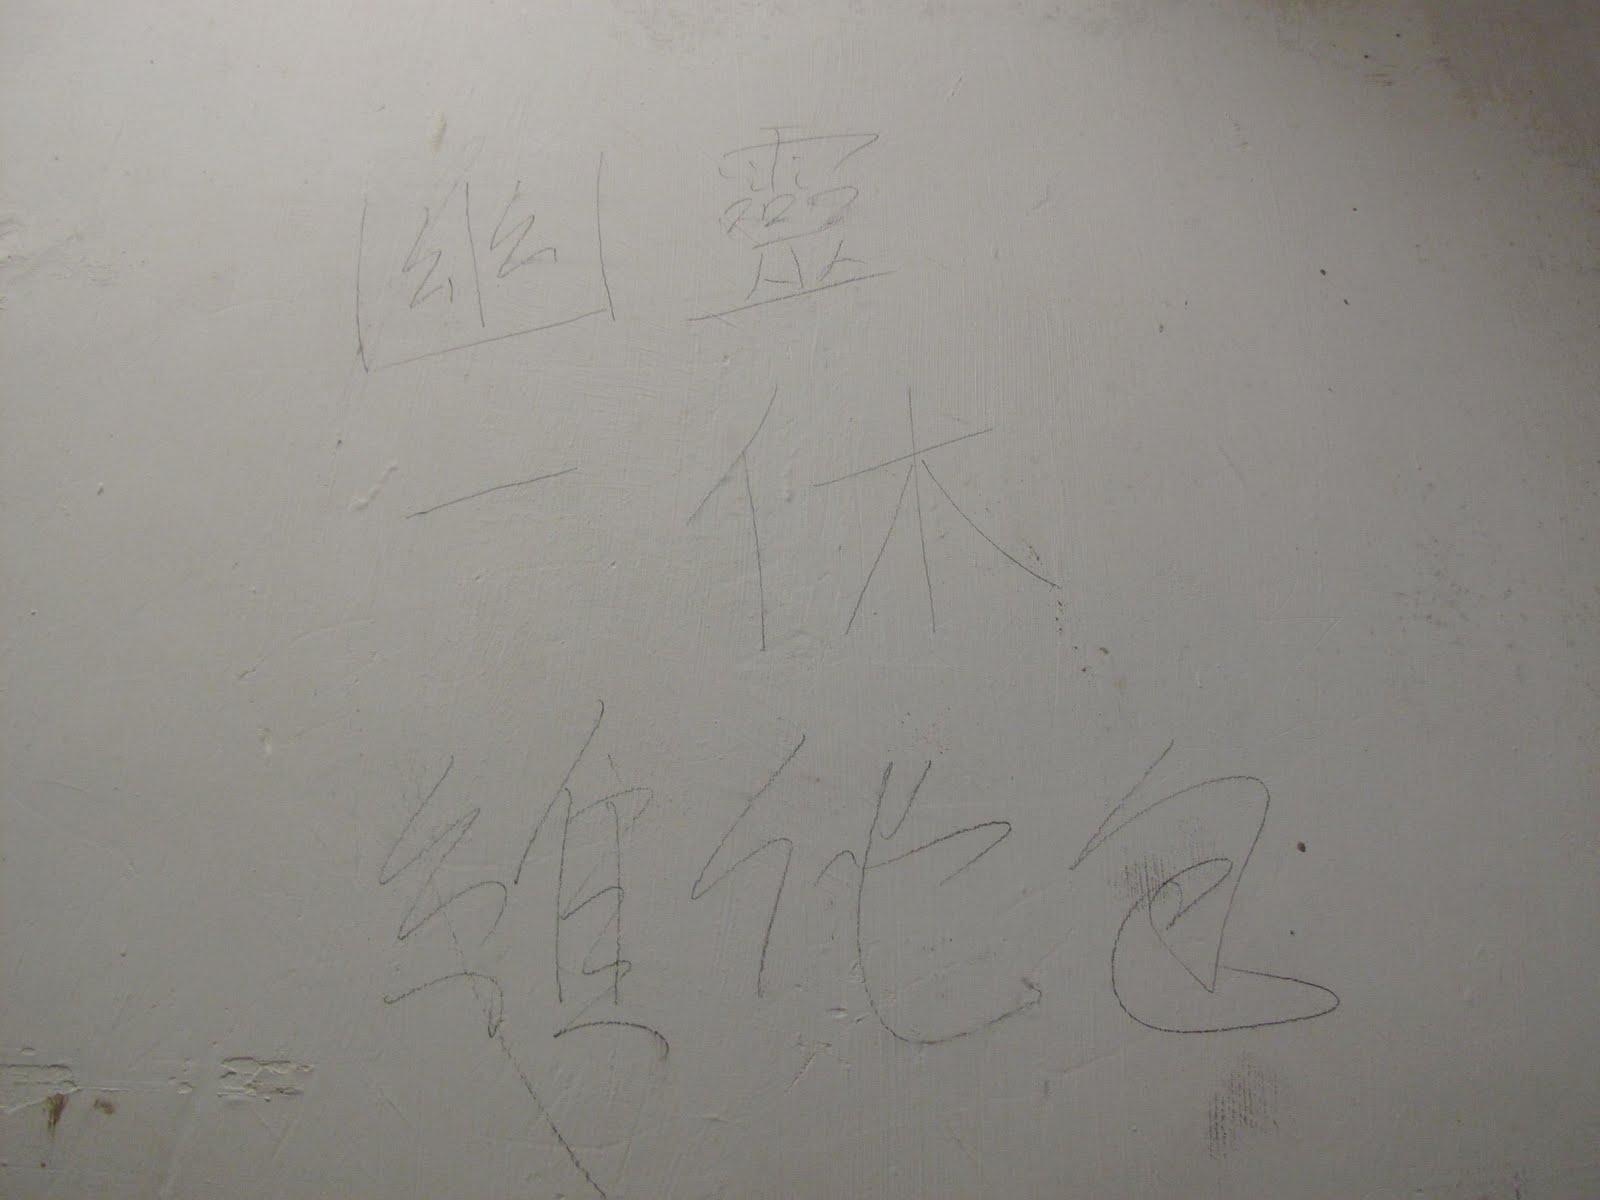 薩凡納藝術設計學院 SCAD 深水埗